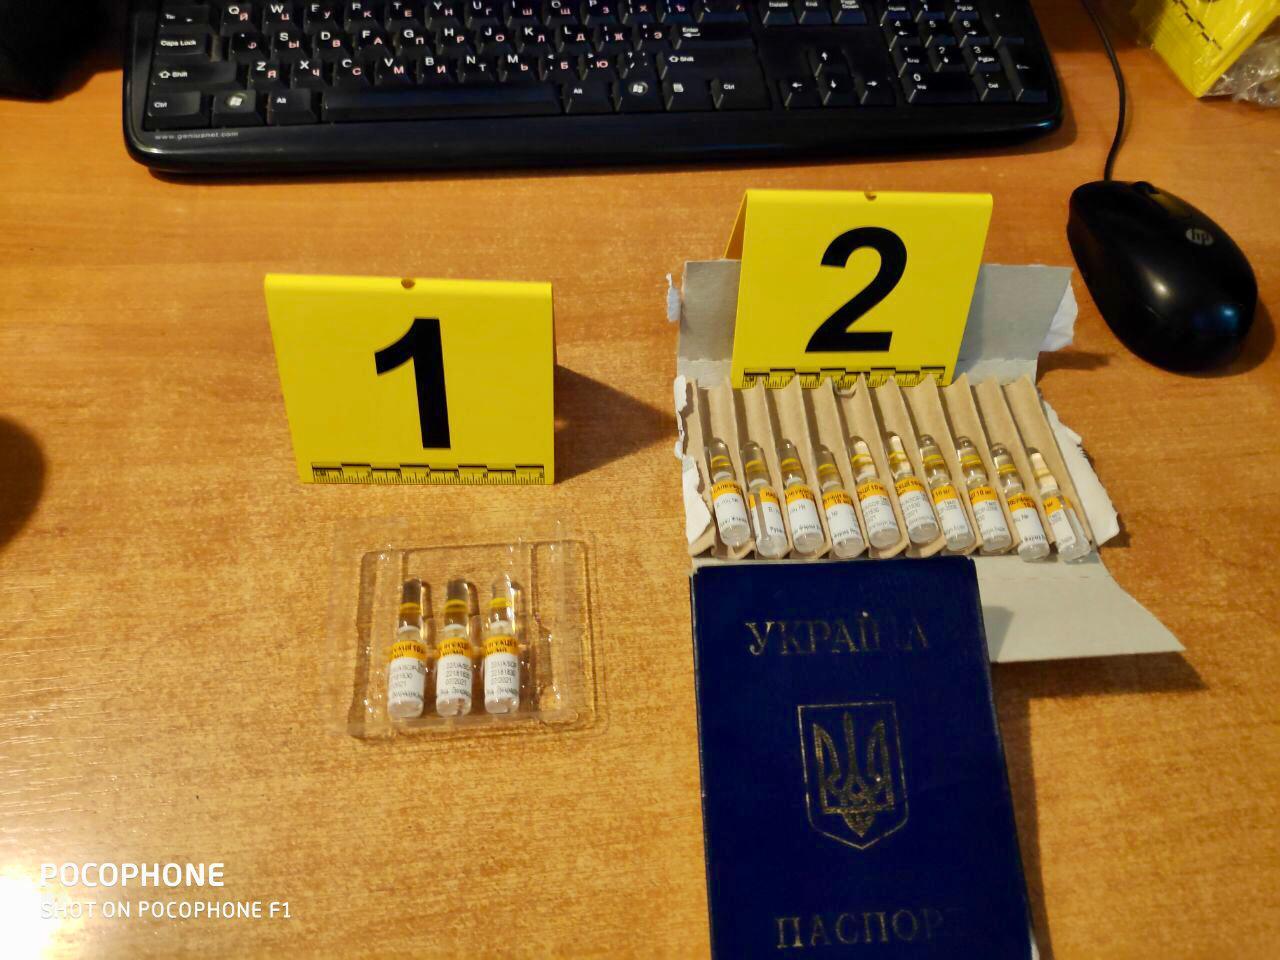 Polițiștii de frontieră au depistat substanțe psihotrope în chiloții unui ucrainean la Otaci